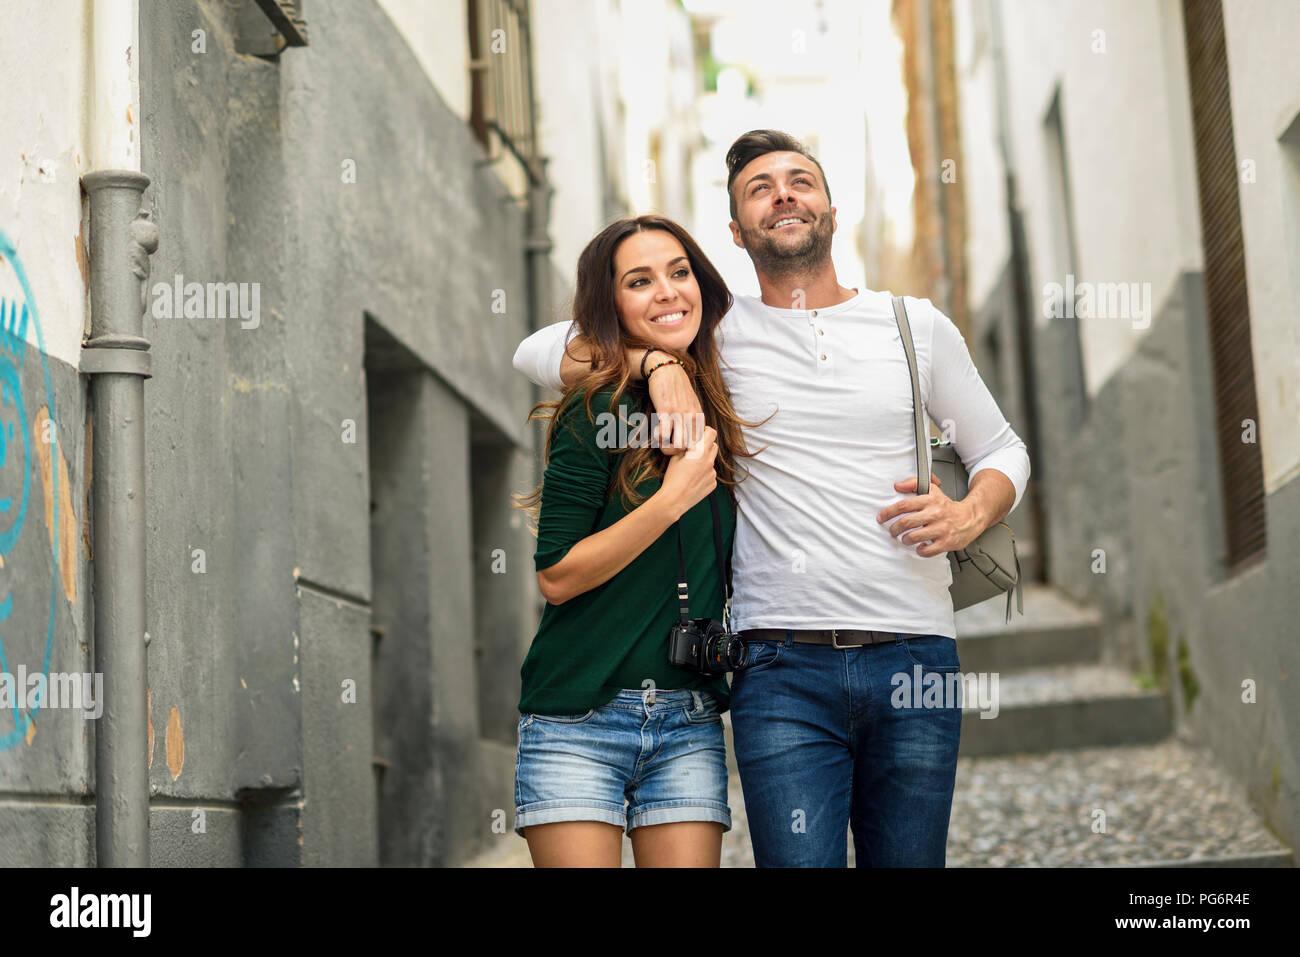 Felice coppia turistici passeggiate in città Immagini Stock